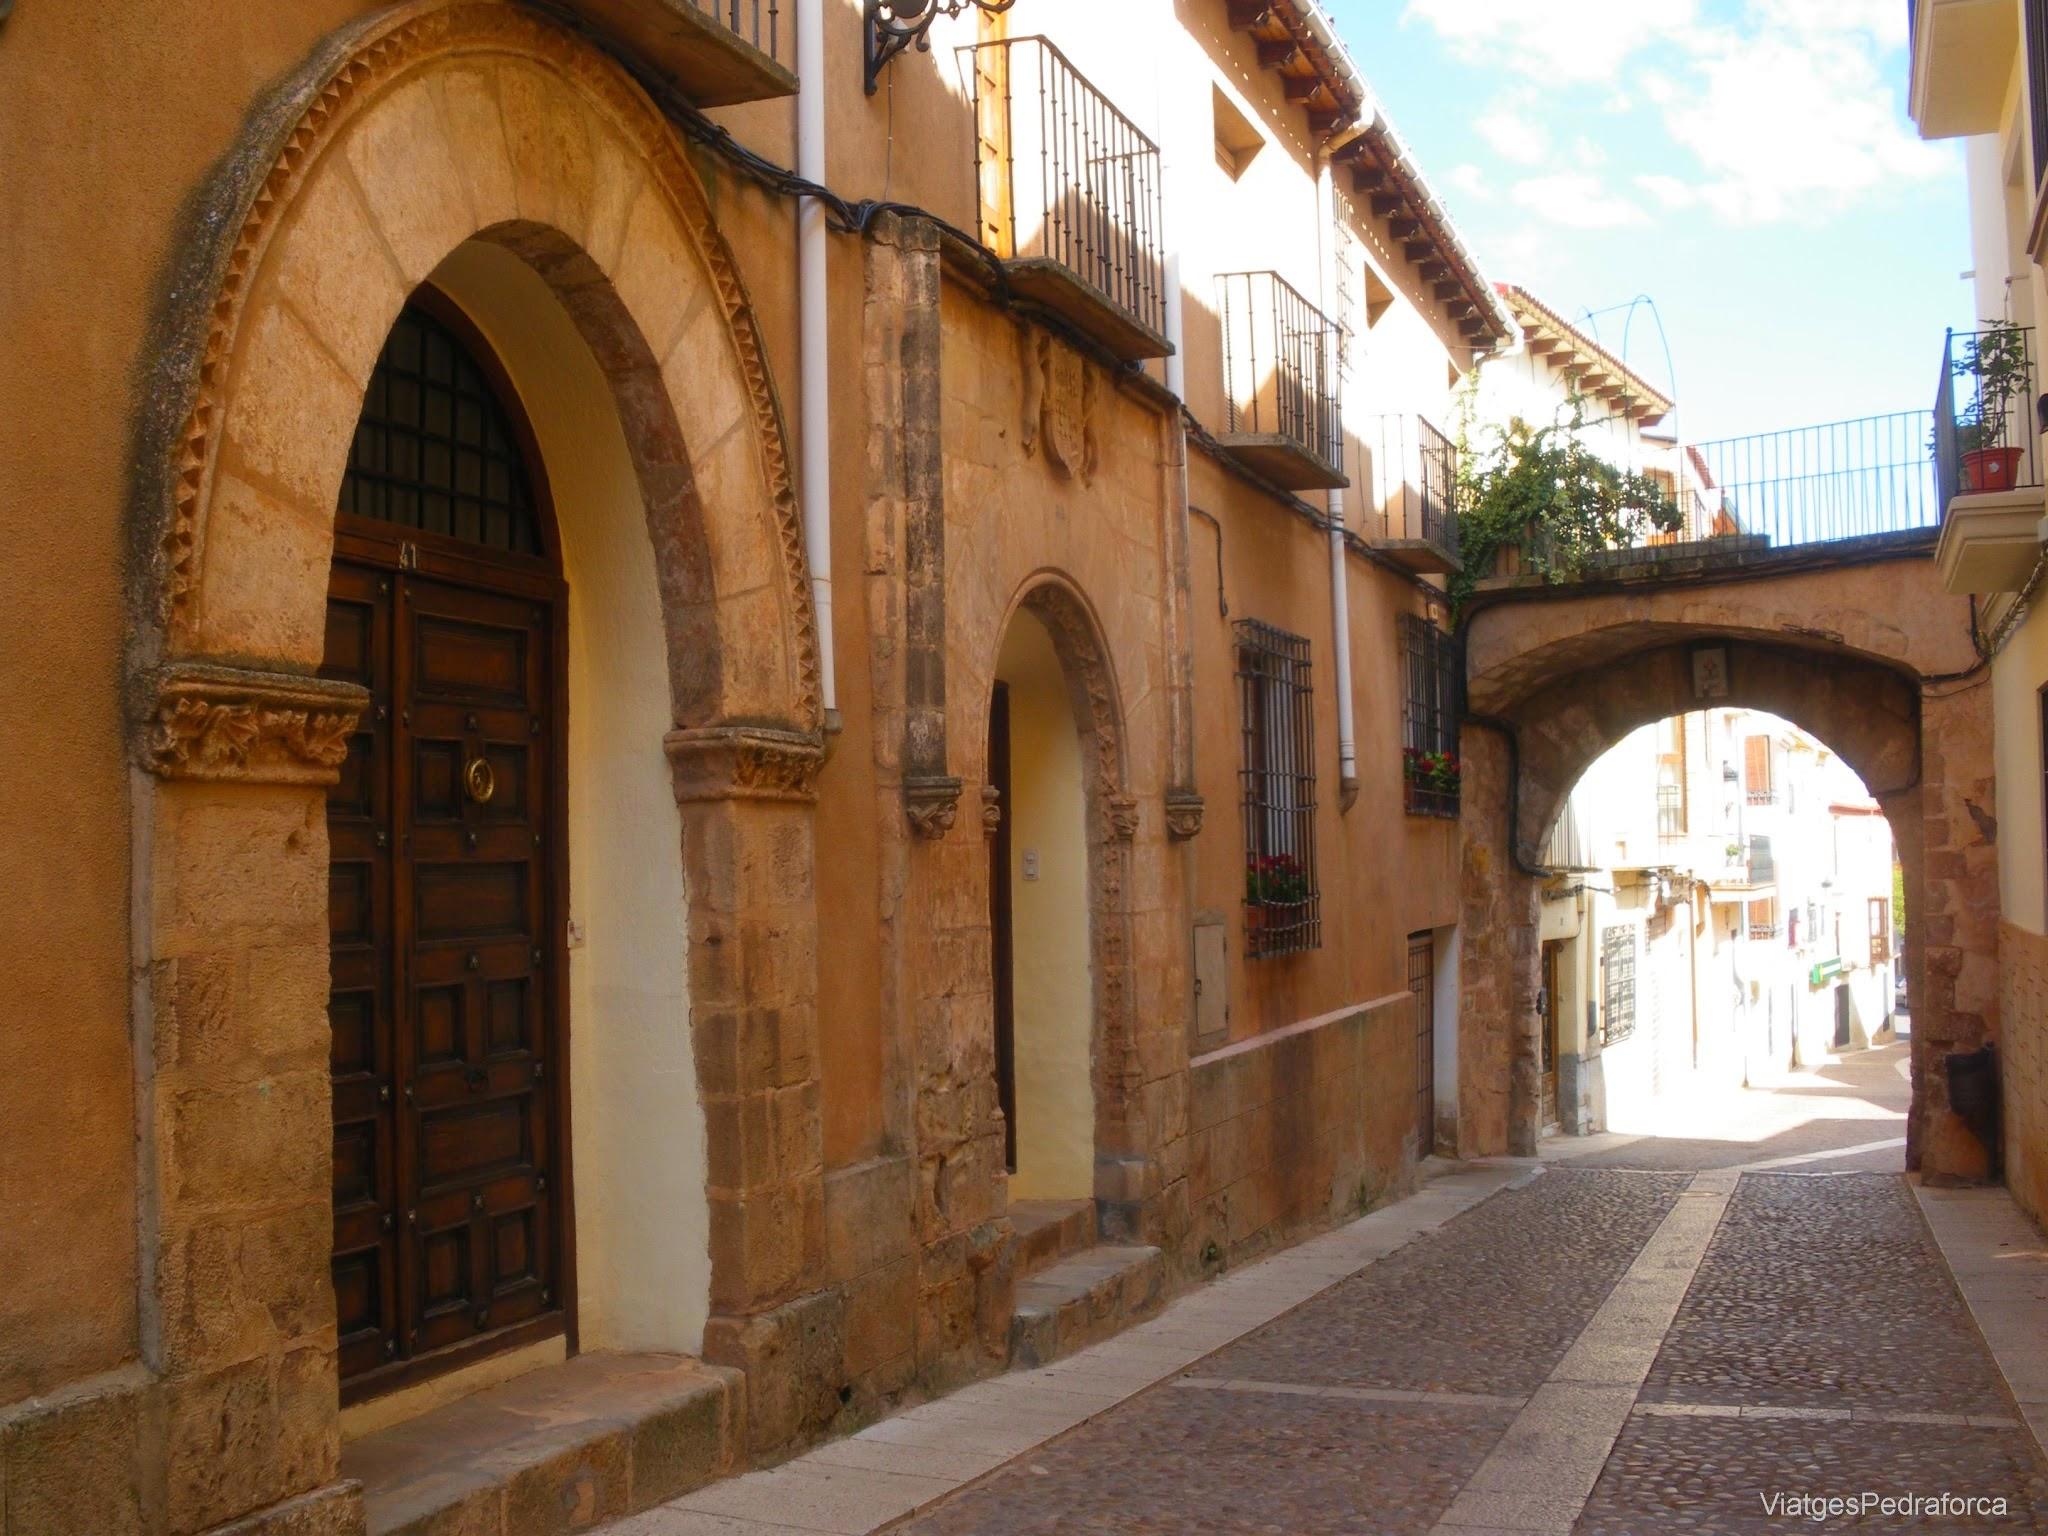 Alcaraz, Sierra de Segura, Albacete, Castilla la Mancha